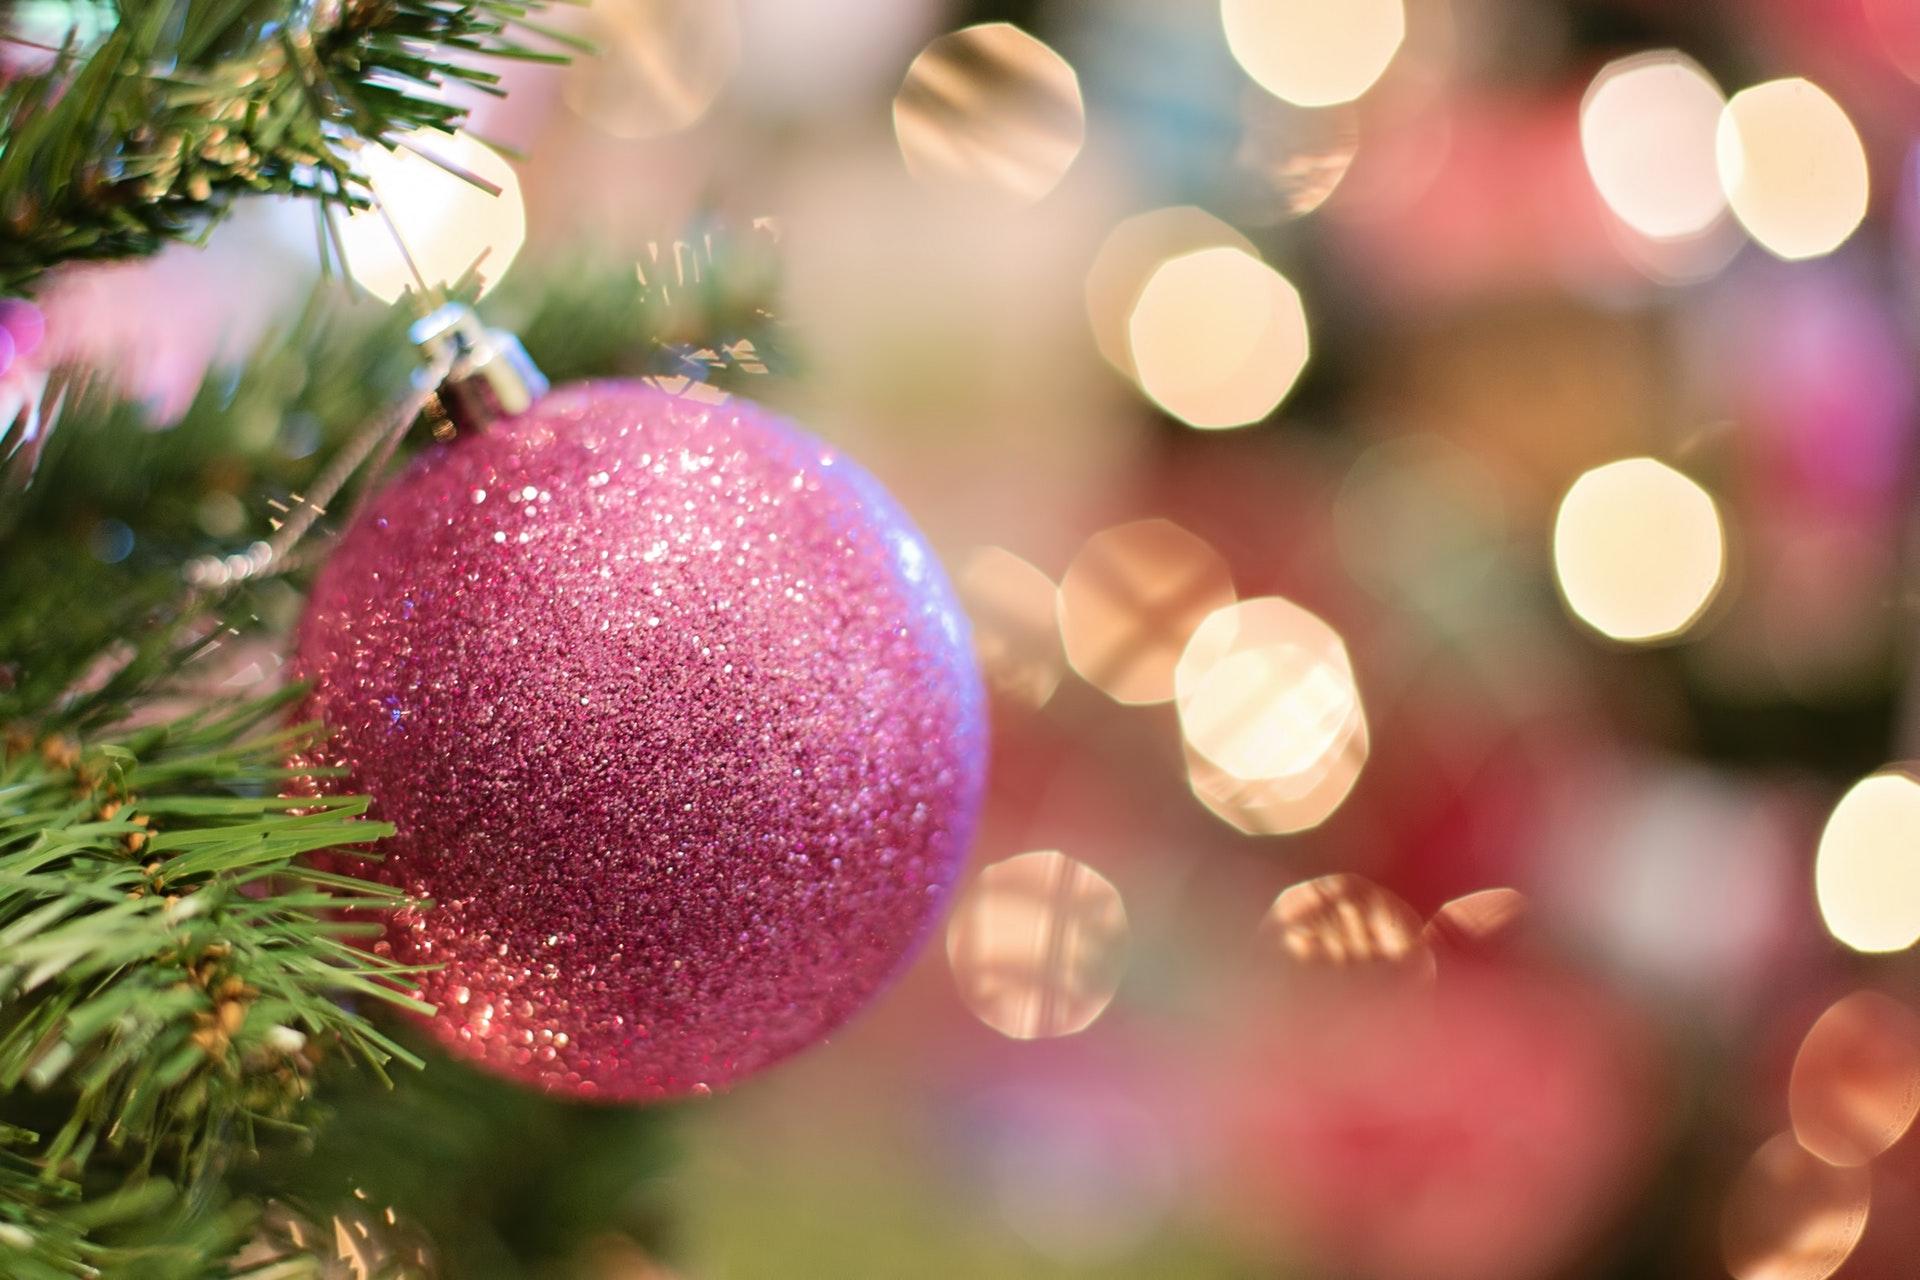 pink glitter ornament